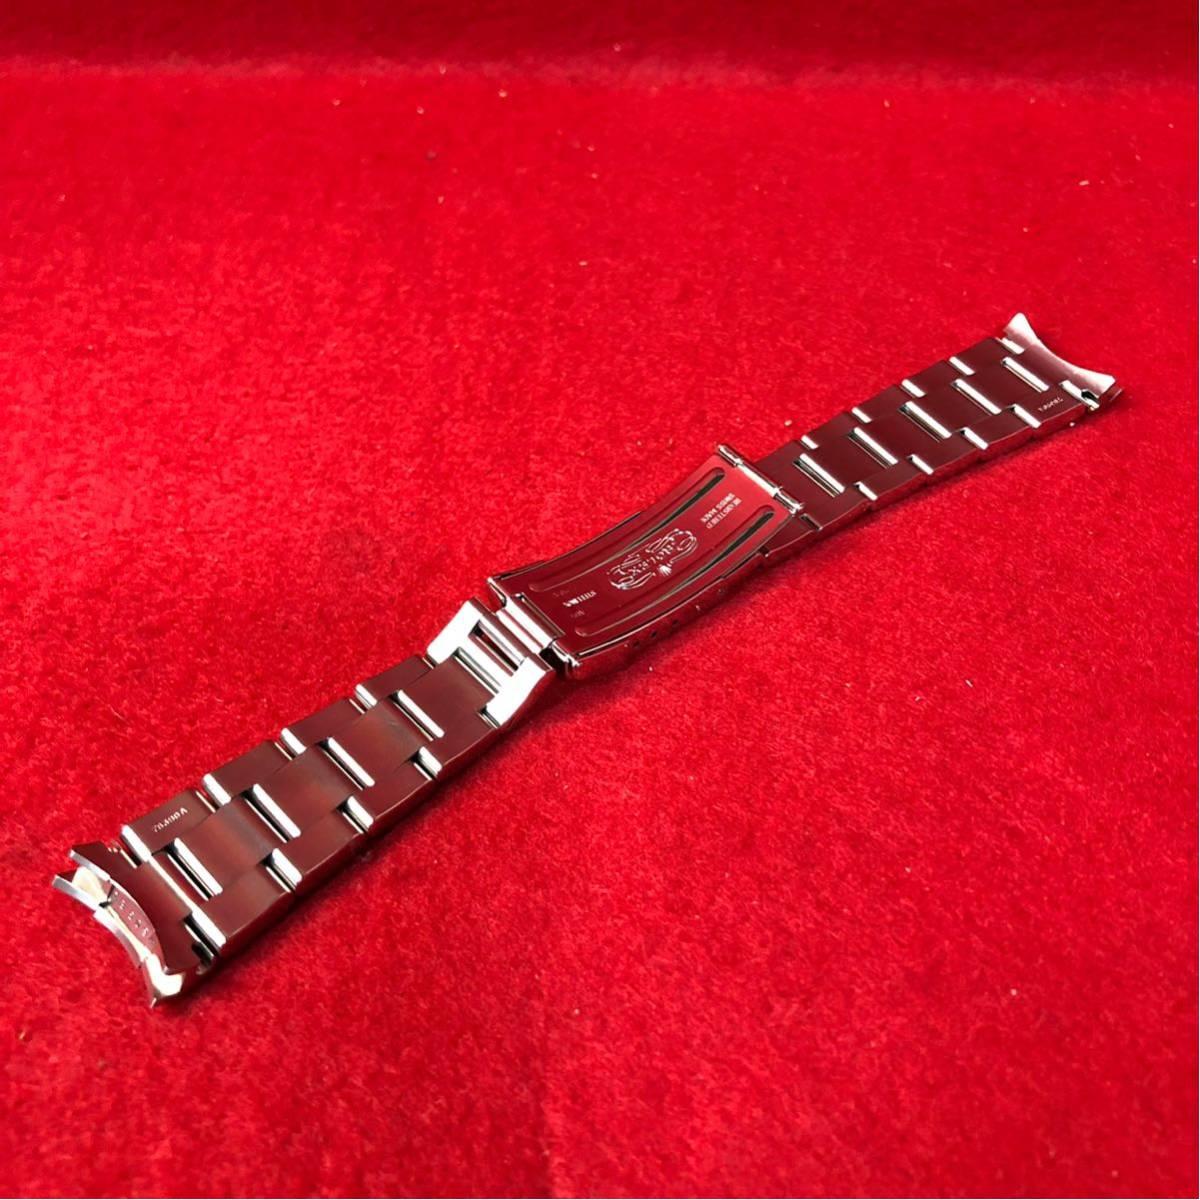 【美品】ROLEX ロレックス 純正 1650 デイトナ用 ブレスレット 最終期 78390/803B 1999年~2000年 5+7コマ 12コマ 腕時計 メンズ_画像2